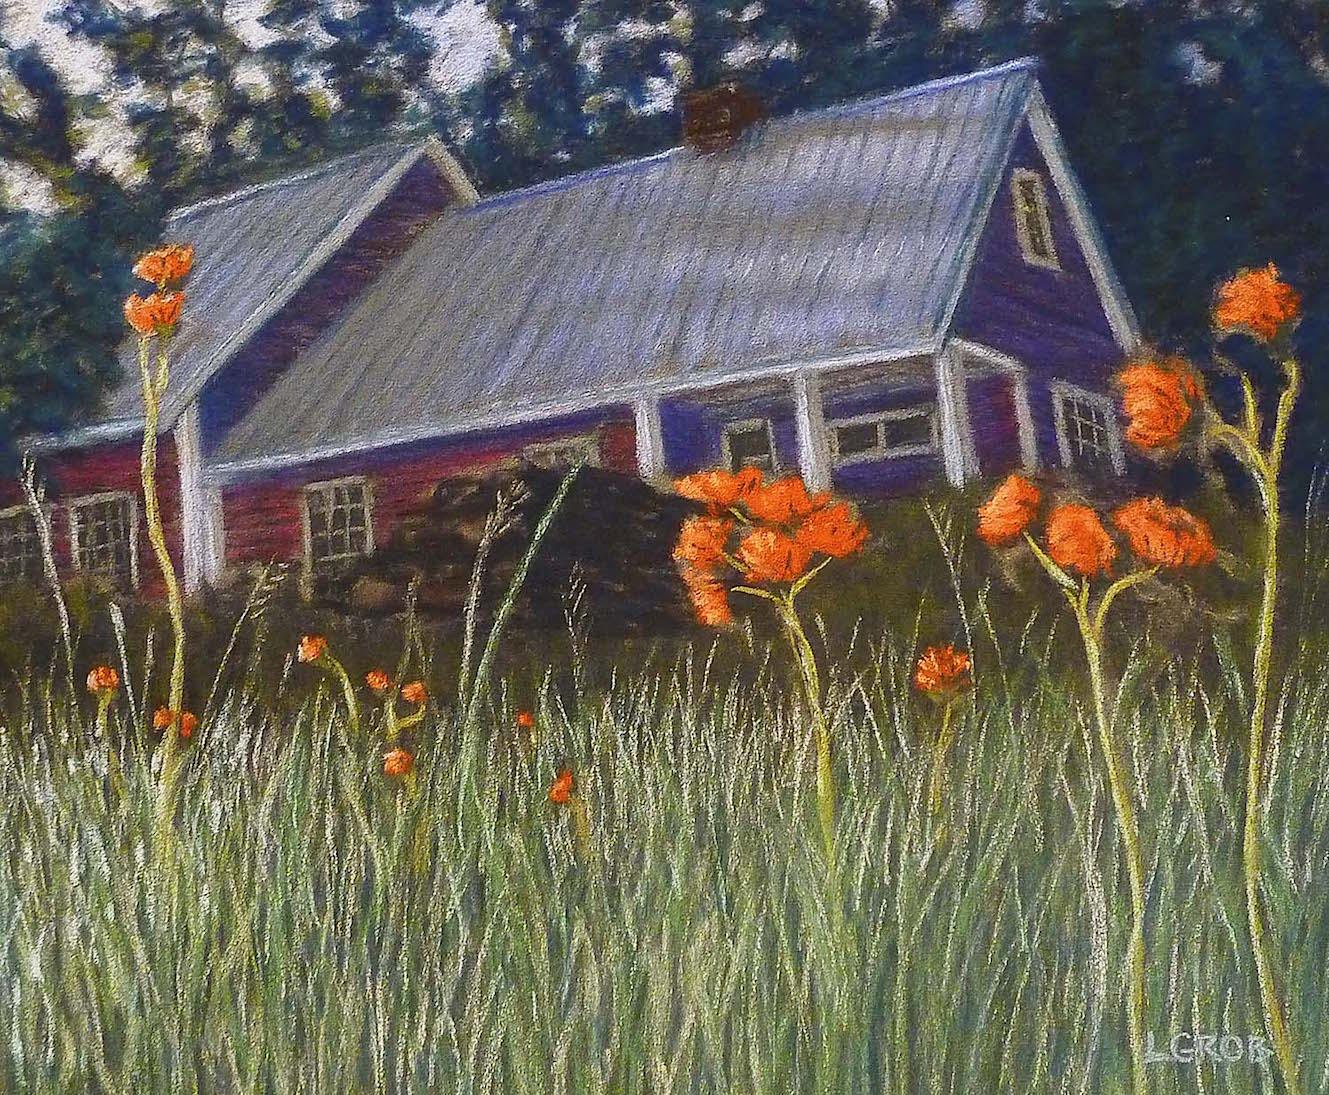 Vermont Farm #1. Halifax